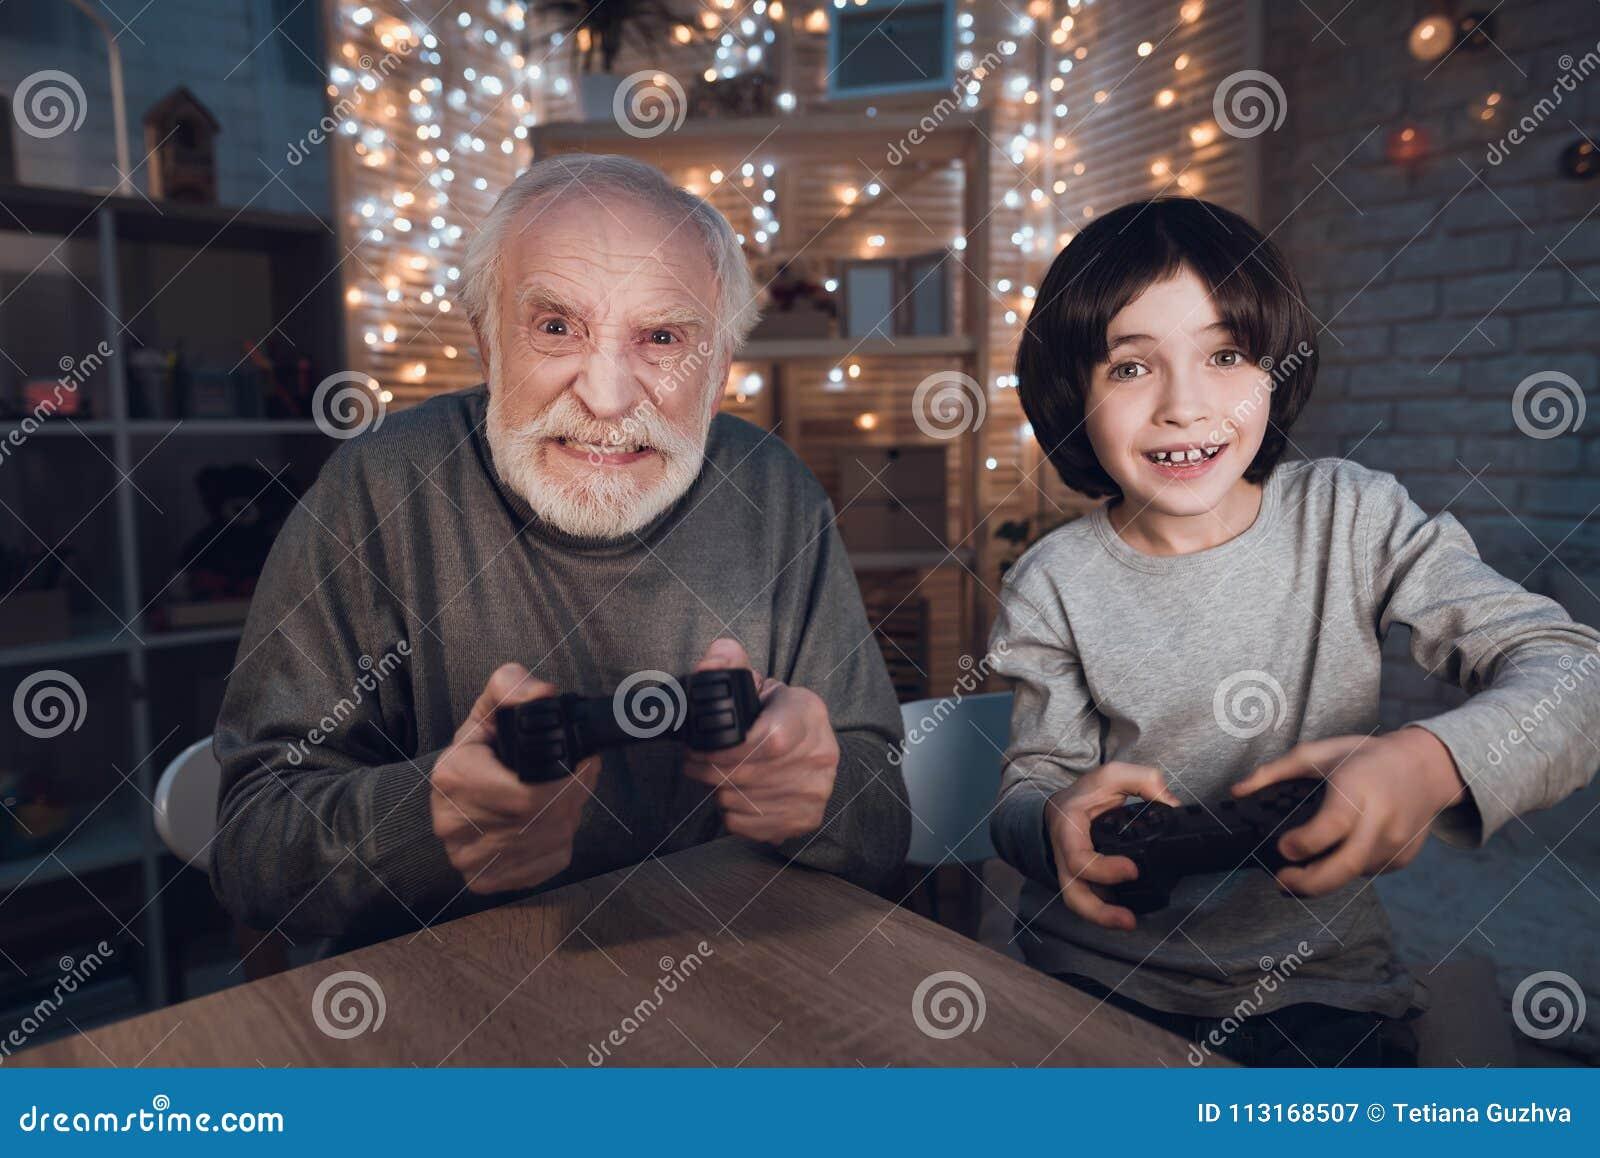 Le grand-père et le petit-fils jouent des jeux vidéo la nuit à la maison